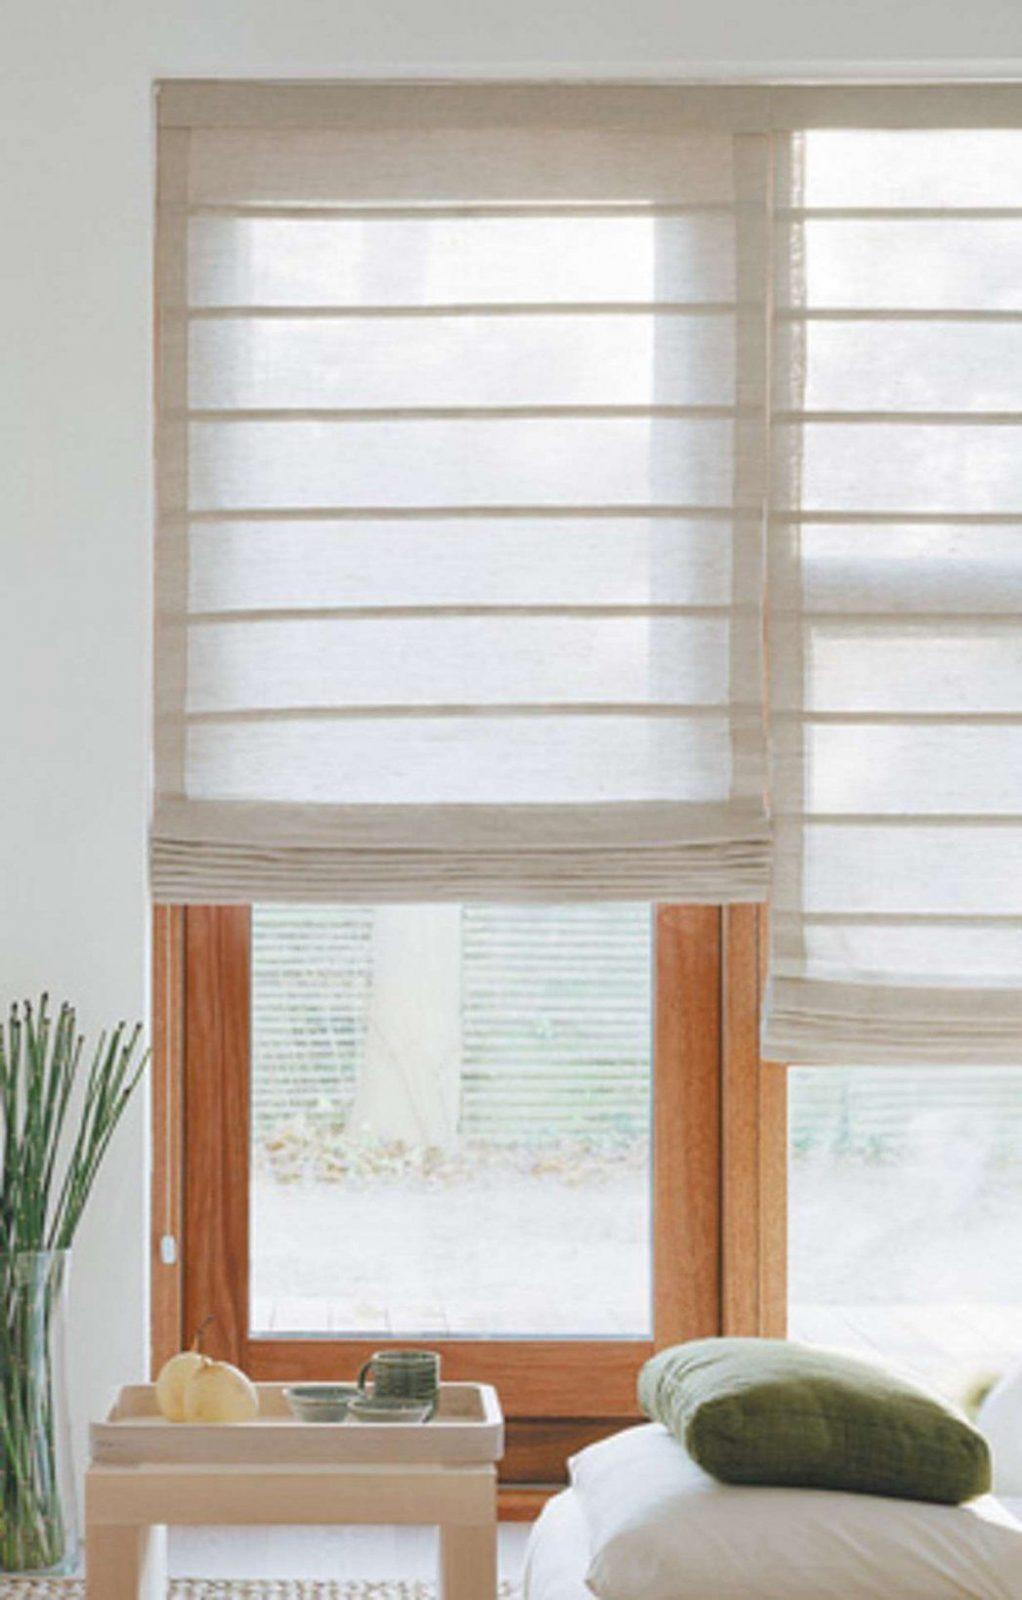 Einzigartig Gardinen Für Grosse Terrassenfenster Design Inspiration von Gardinen Für Grosse Terrassenfenster Bild